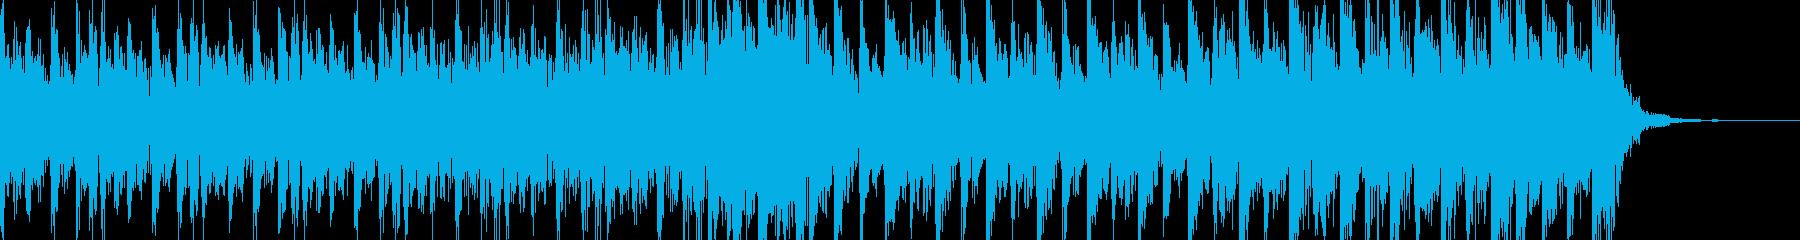 緊迫感のある不気味なハードテクノ30秒の再生済みの波形